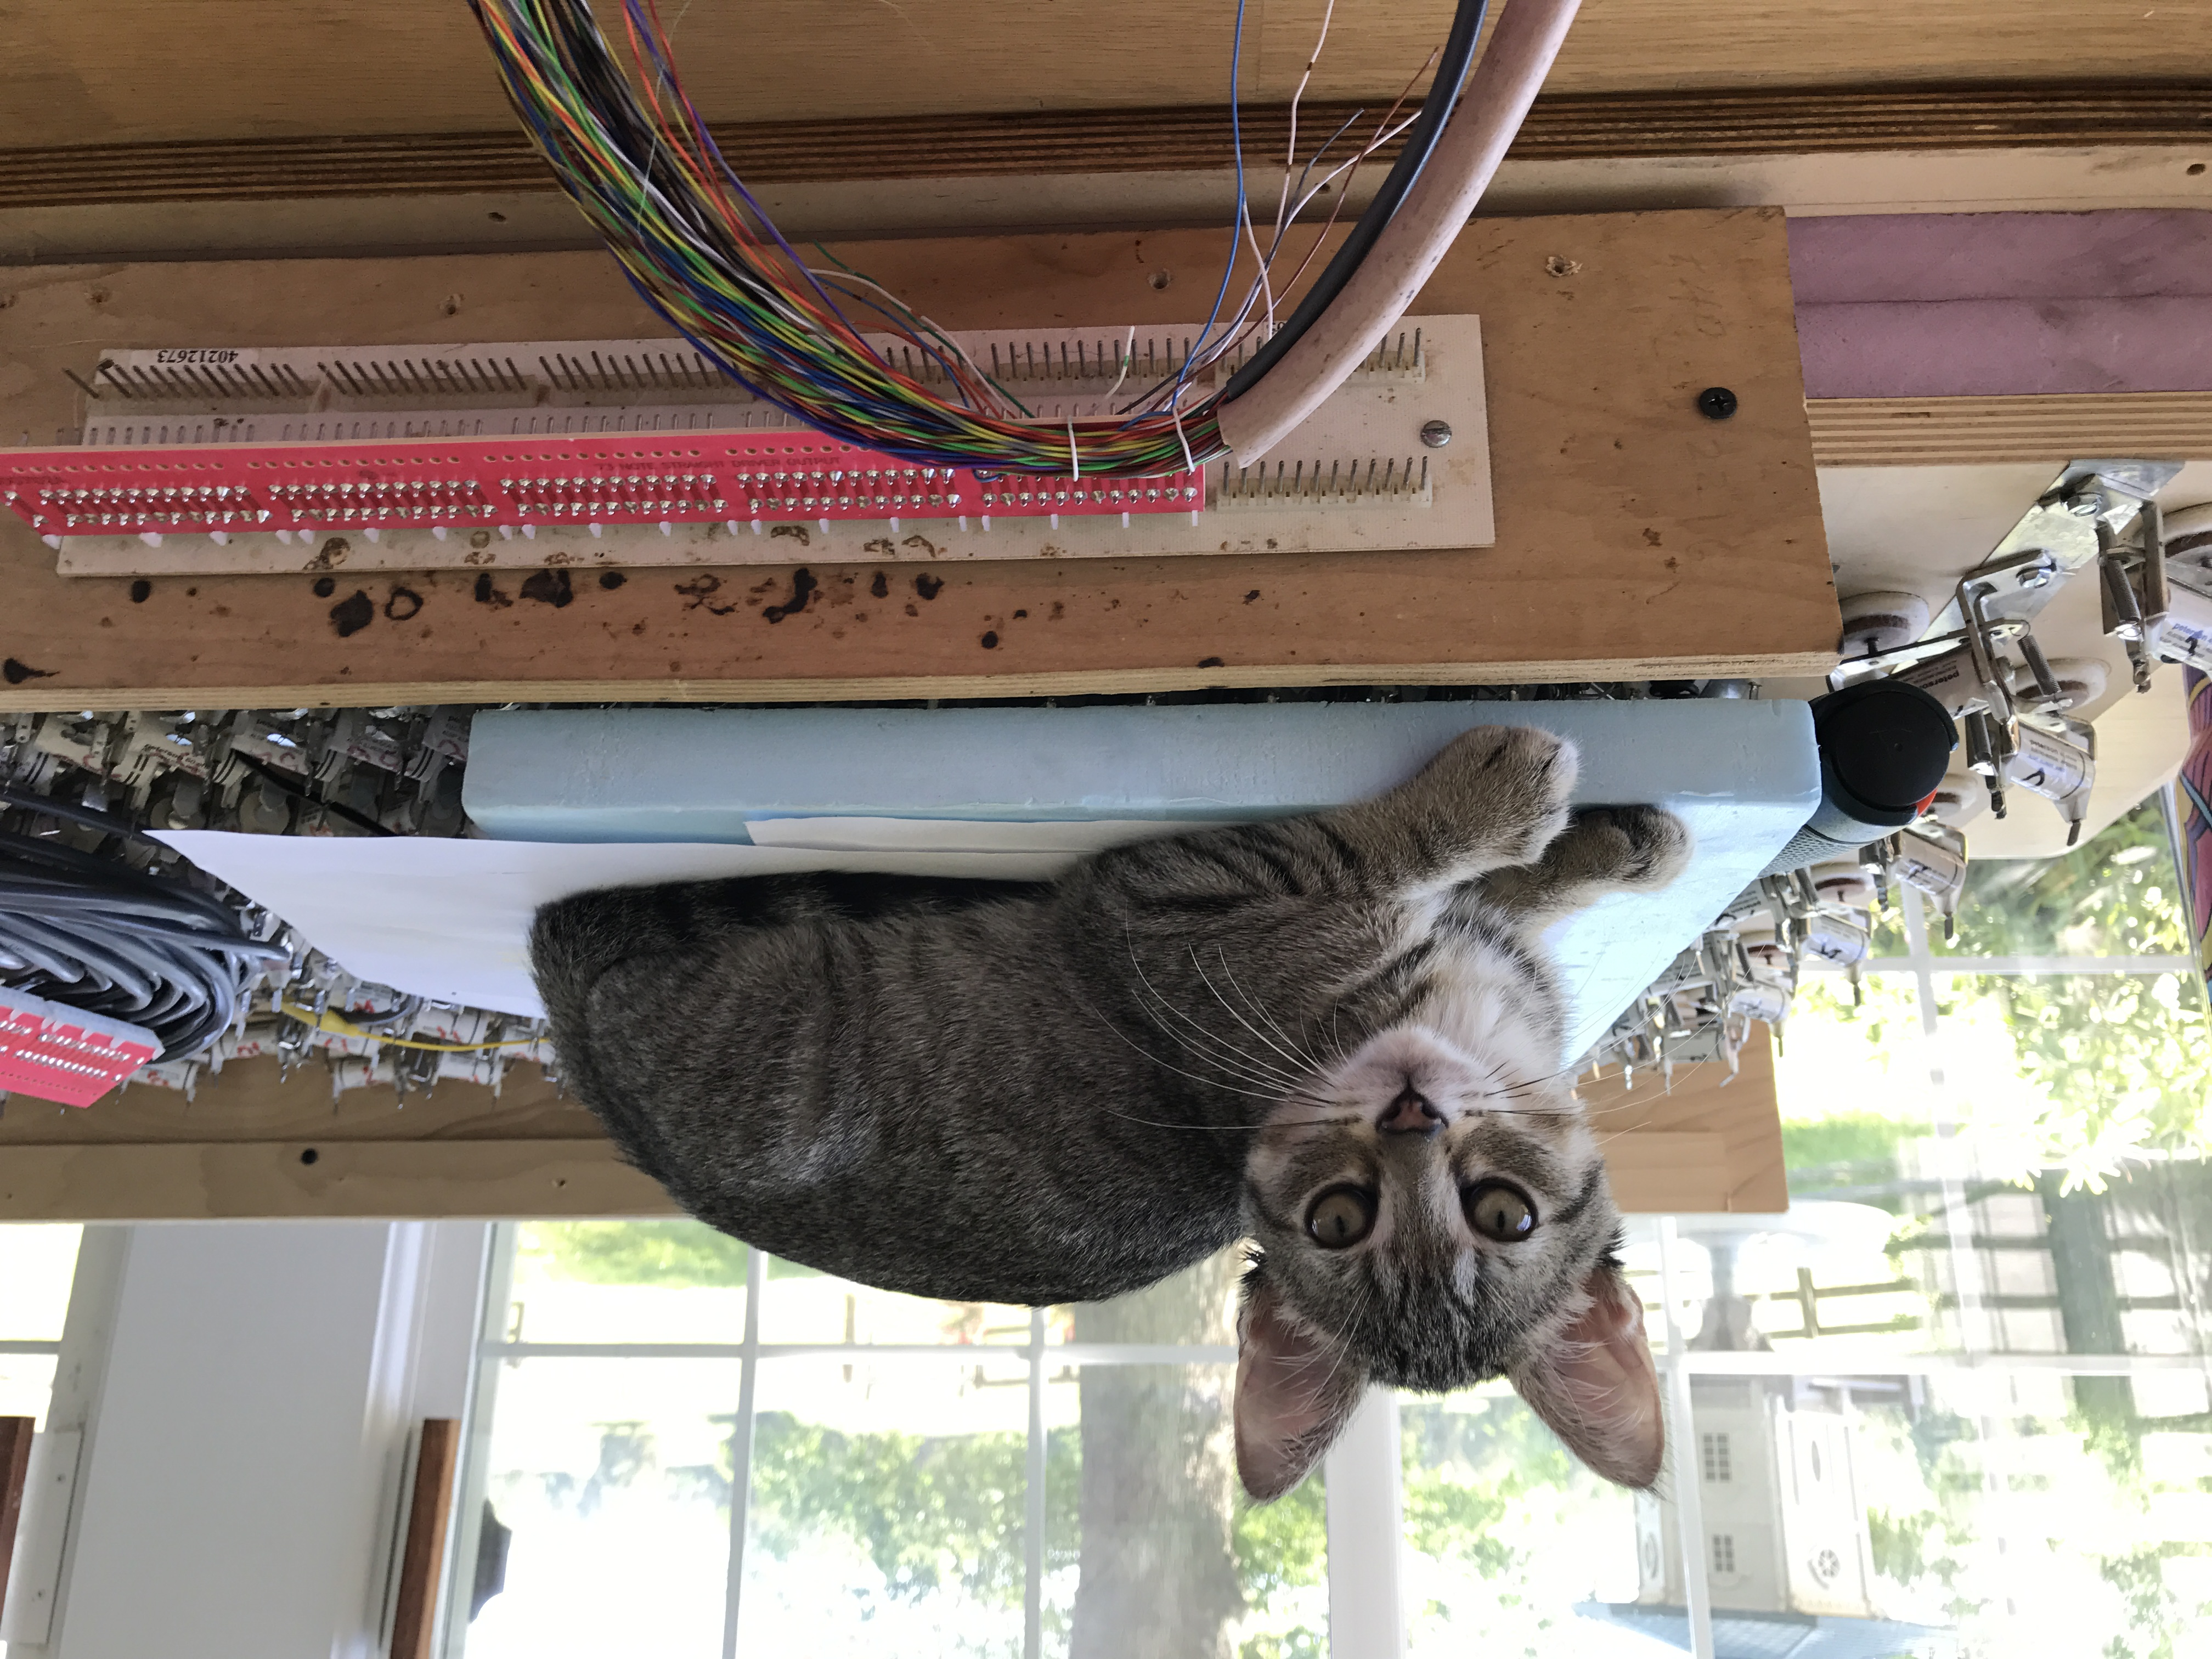 Baby Ziggy likes wiring, too!